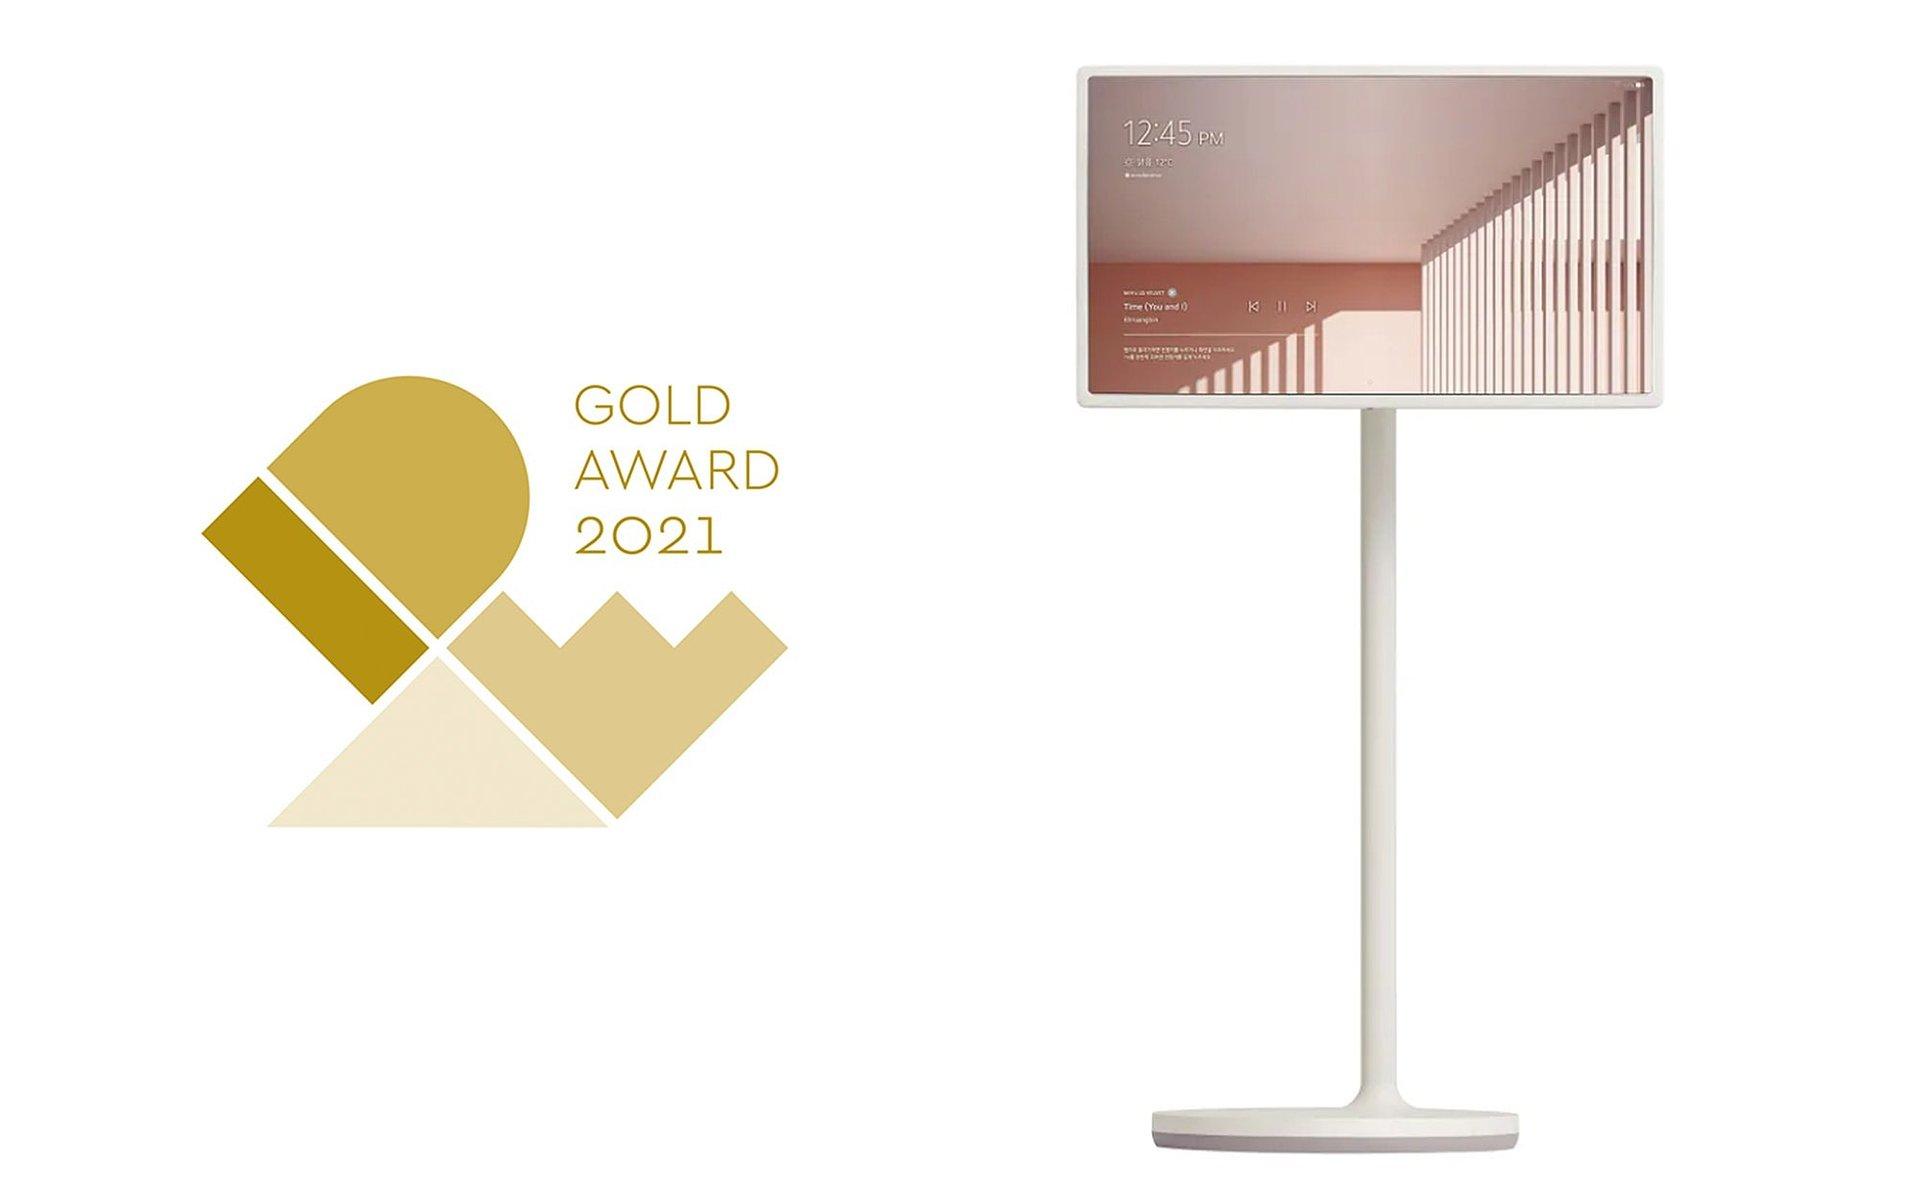 Eleganckie produkty LG wyróżnione przez ekspertów branżowych za wyjątkowe i oryginalne wzornictwo